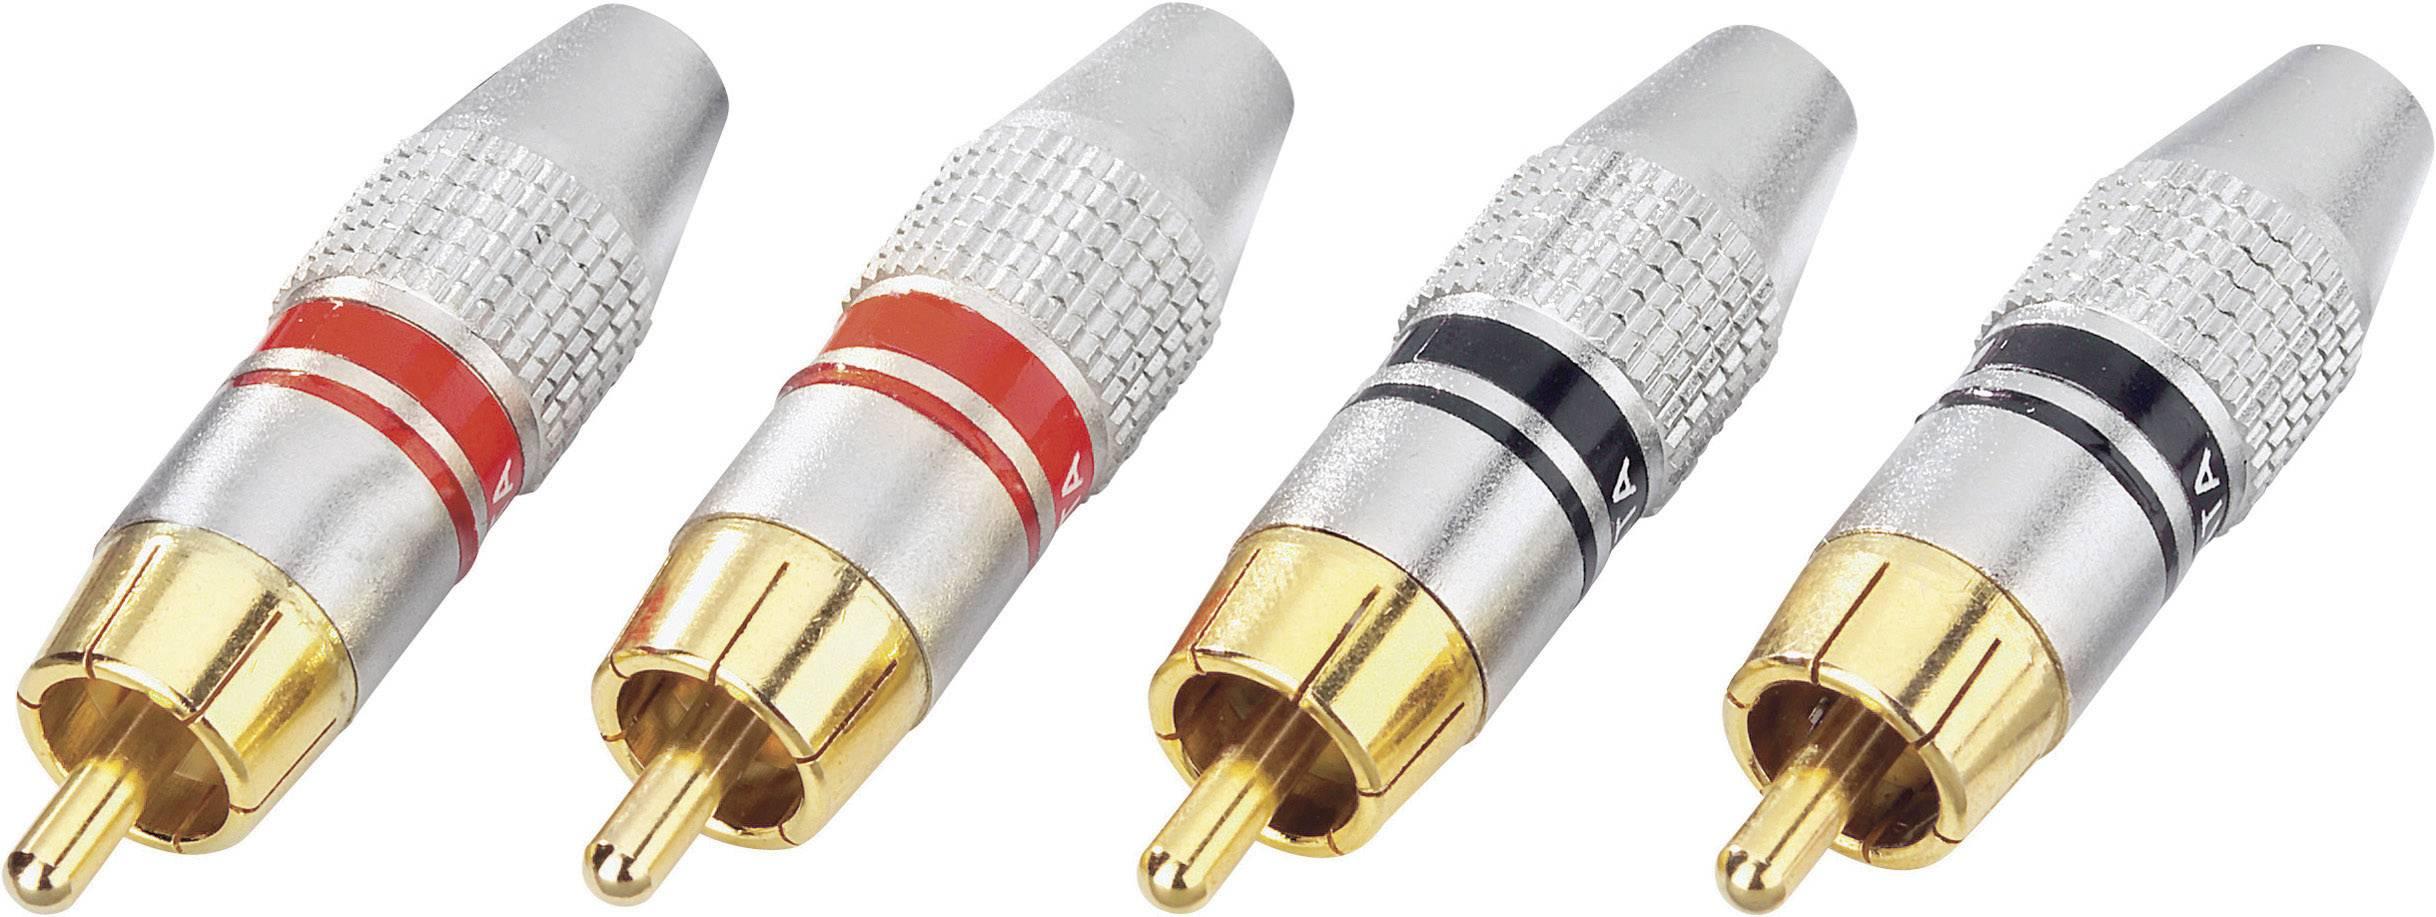 Cinch konektor zástrčka, rovná 2, červená, čierna, 4 ks